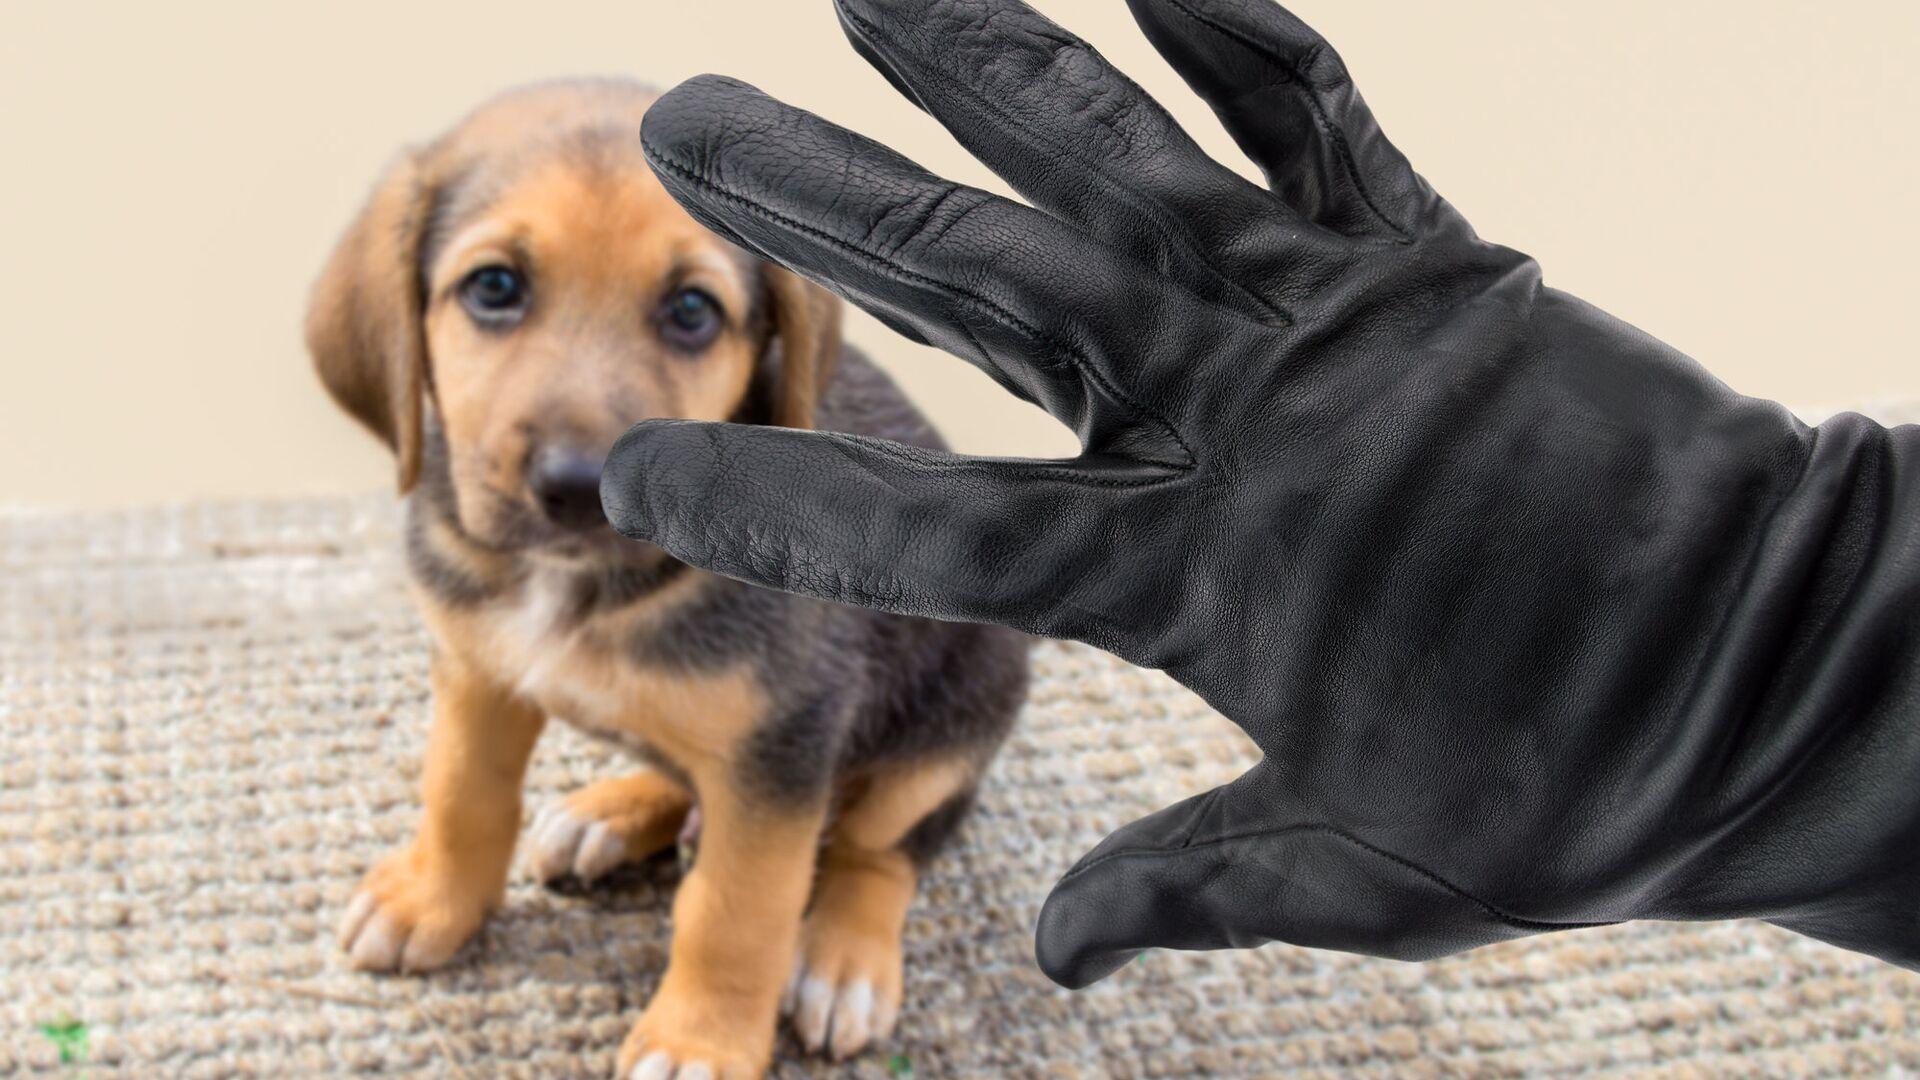 Мужская рука в перчатке возле собаки - РИА Новости, 1920, 23.10.2020